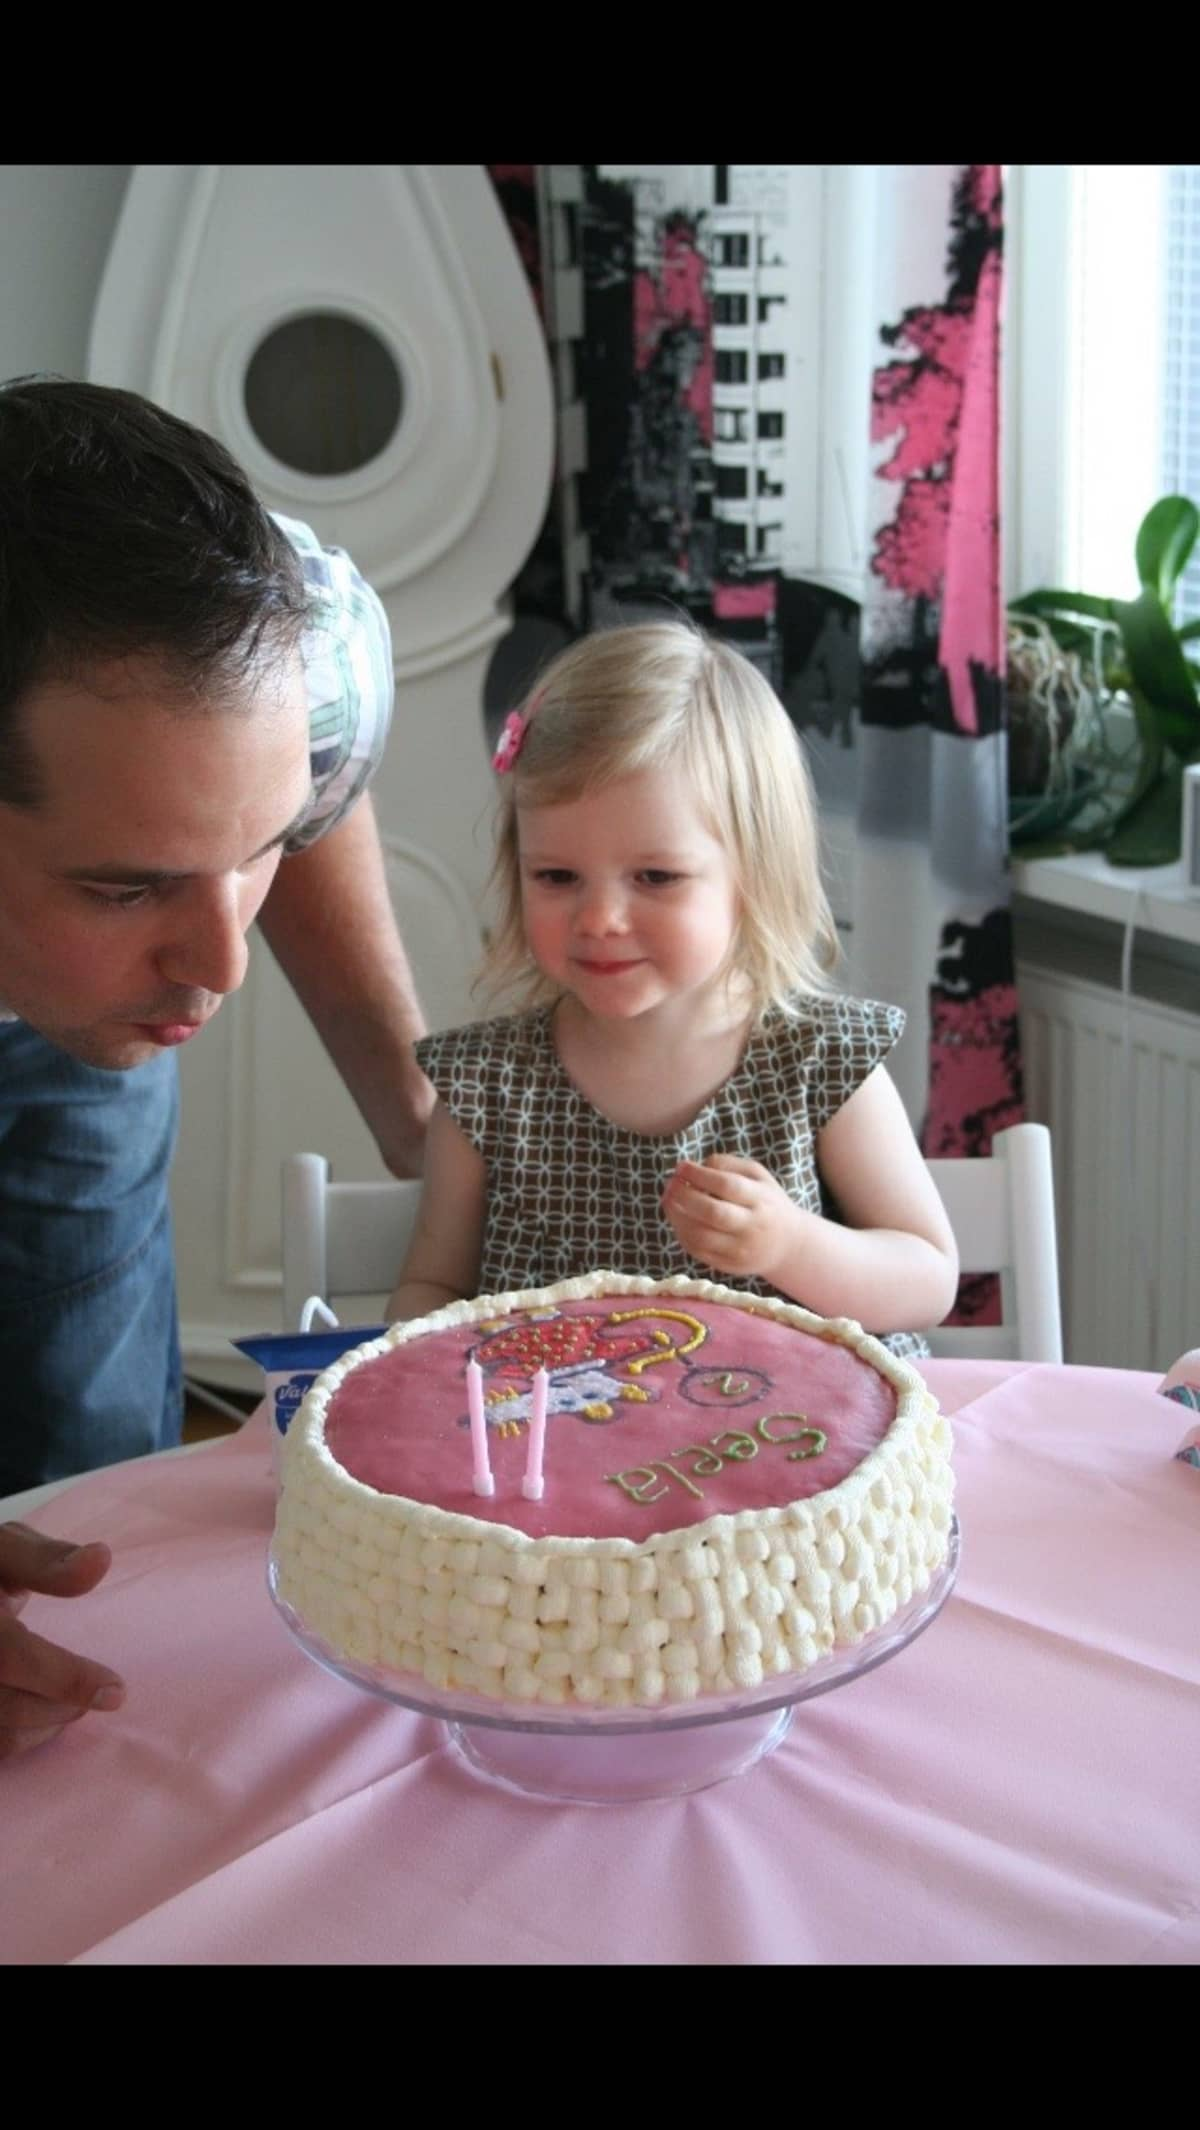 Isä ja tytär puhaltavat kynttilöitä syntymäpäiväkakusta.